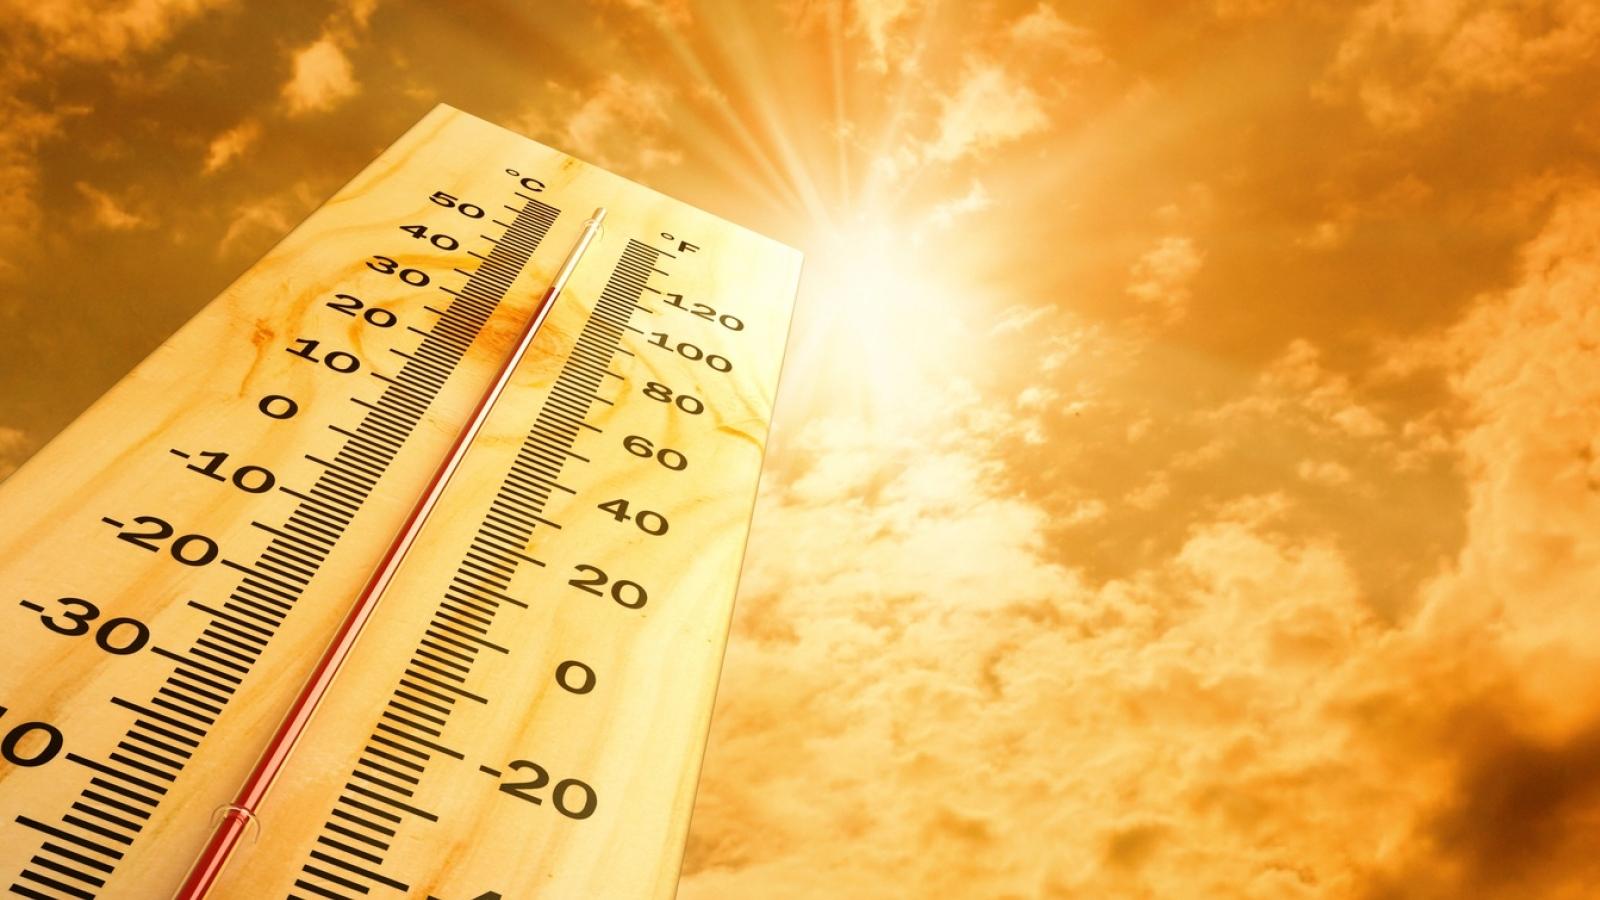 Bắc bộ và Trung bộ tiếp tục nắng nóng, dự kiến kéo dài đến 17/5